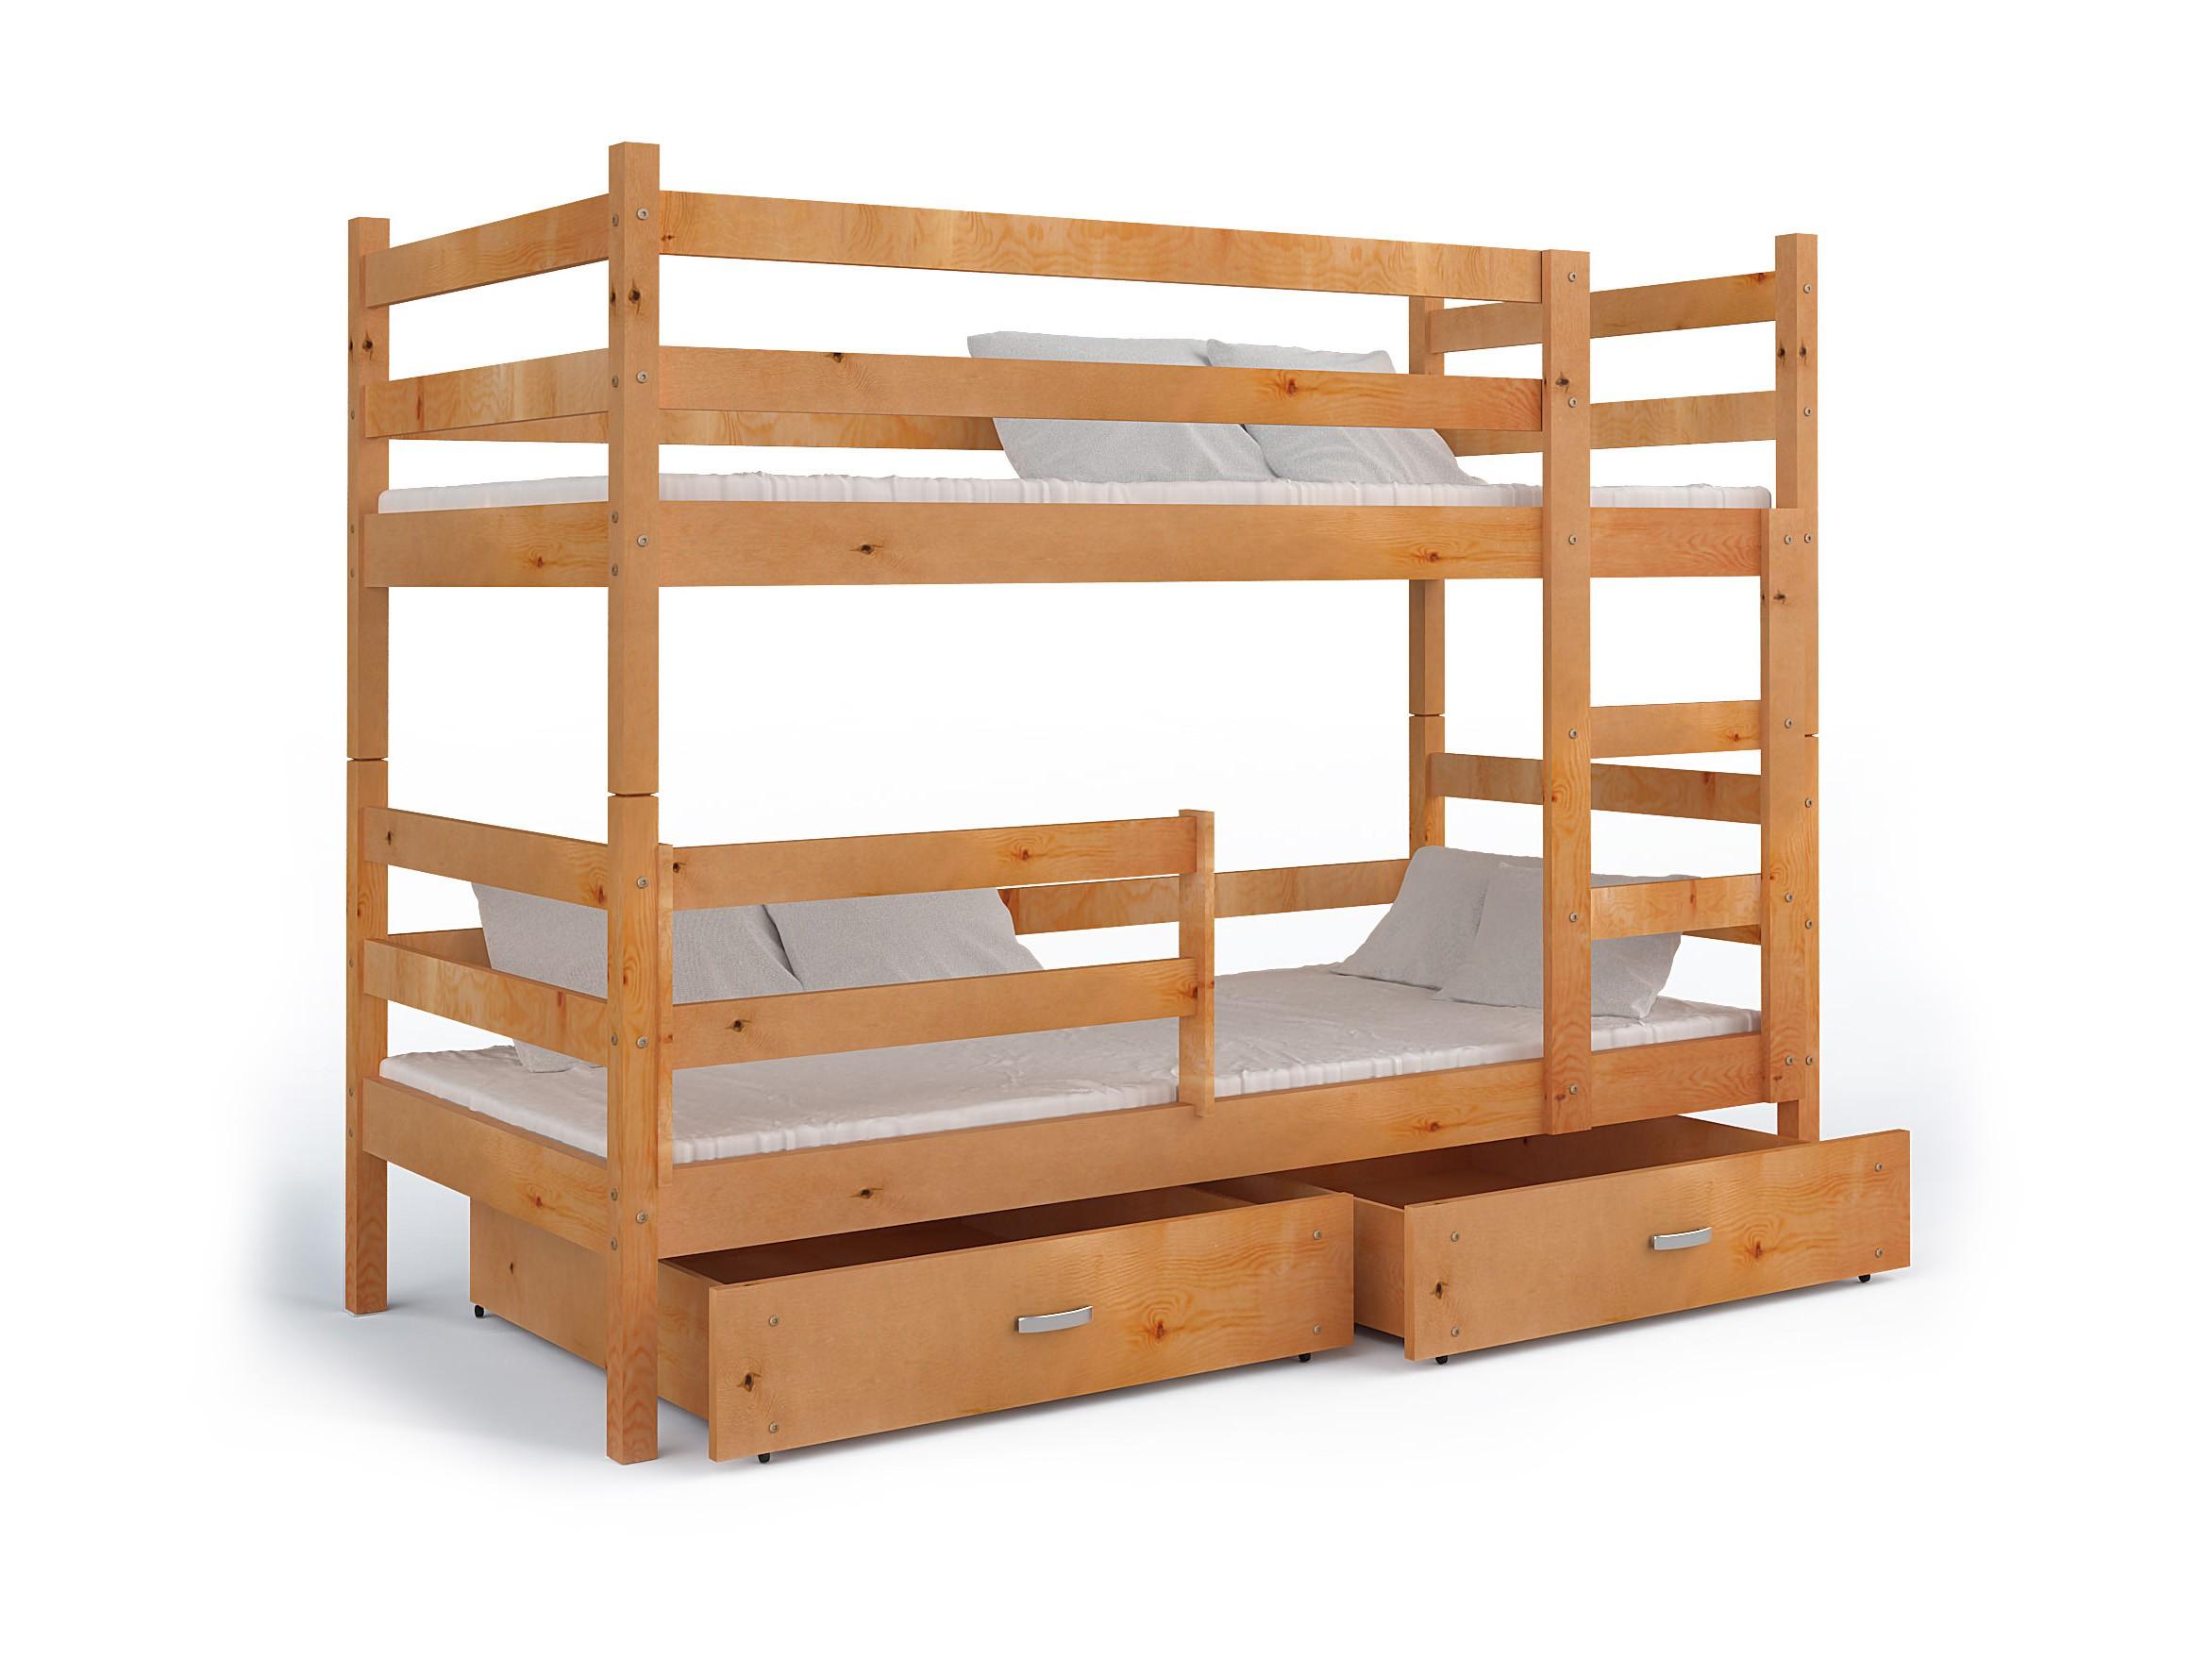 łóżko Piętrowe Jack 2 Osobowe Materace Tanio